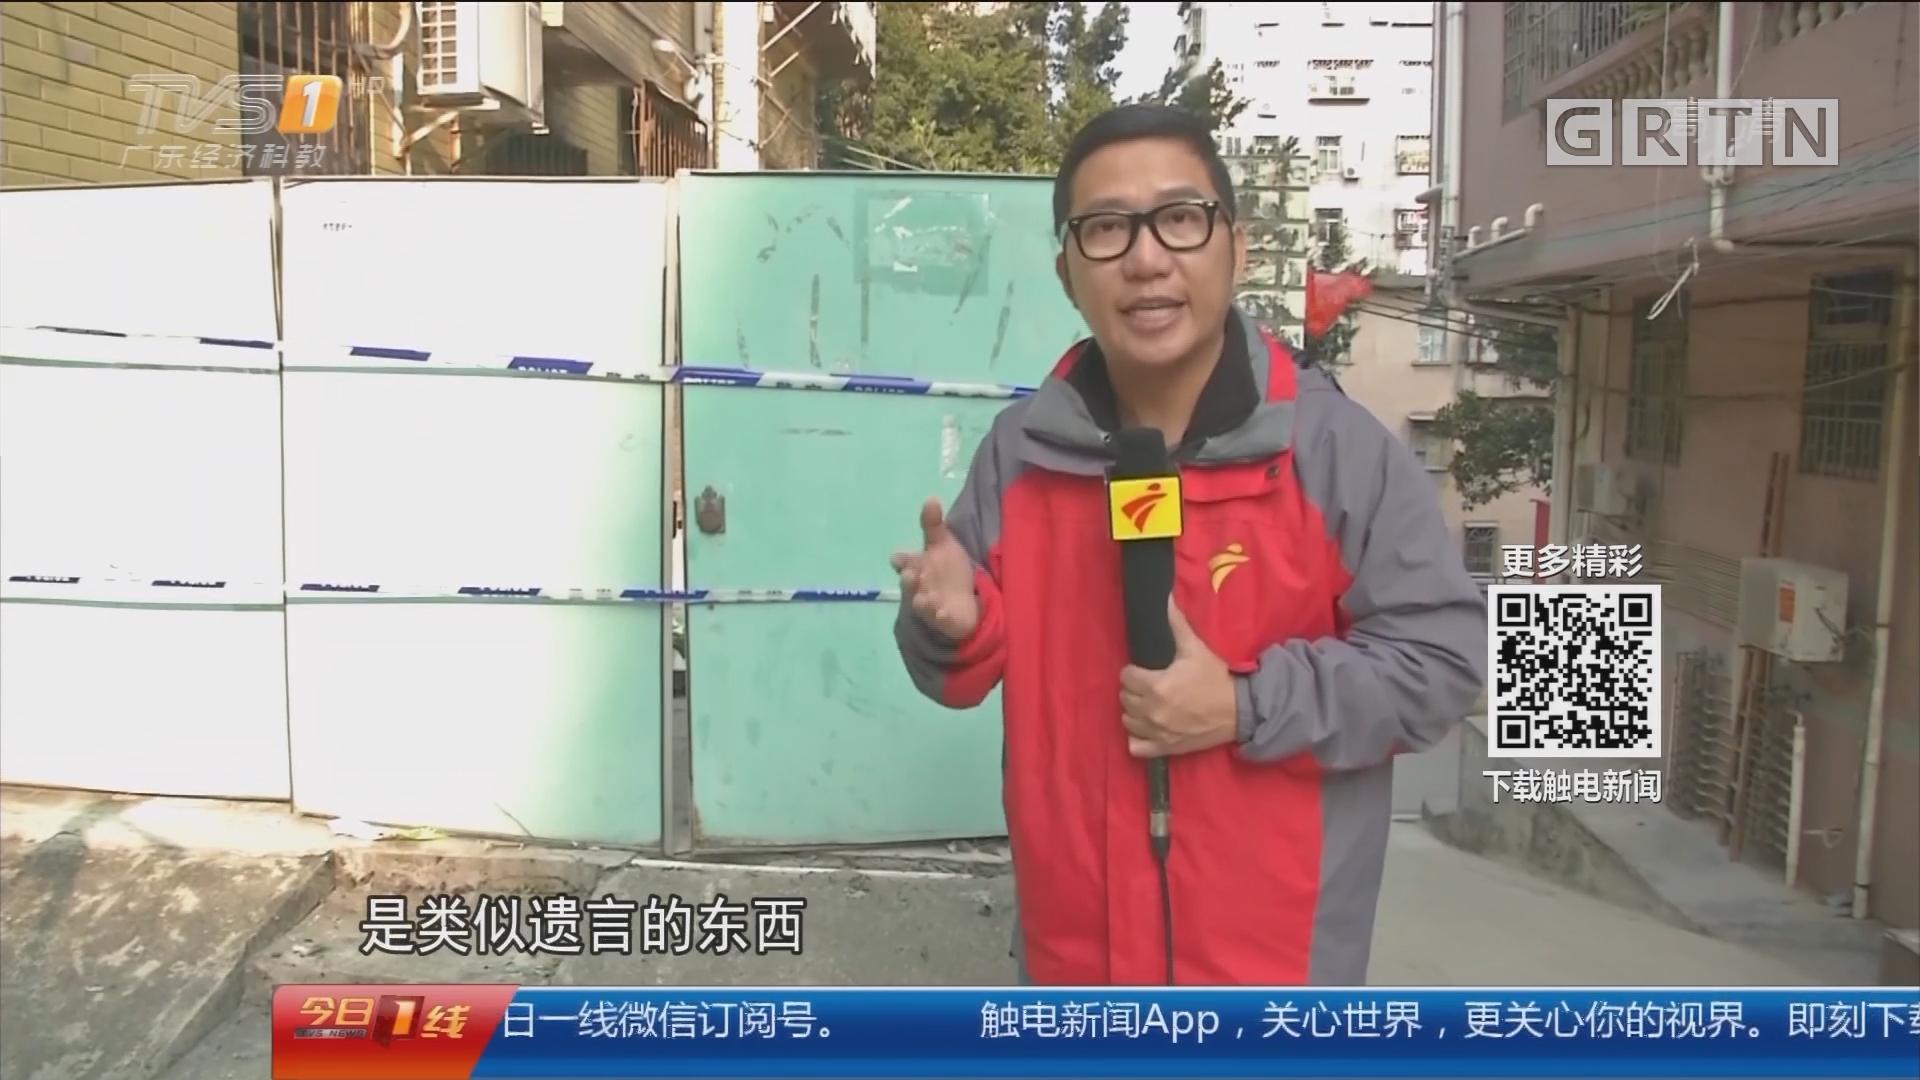 深圳龙岗:民房起火 有人往外扔钱扔纸条